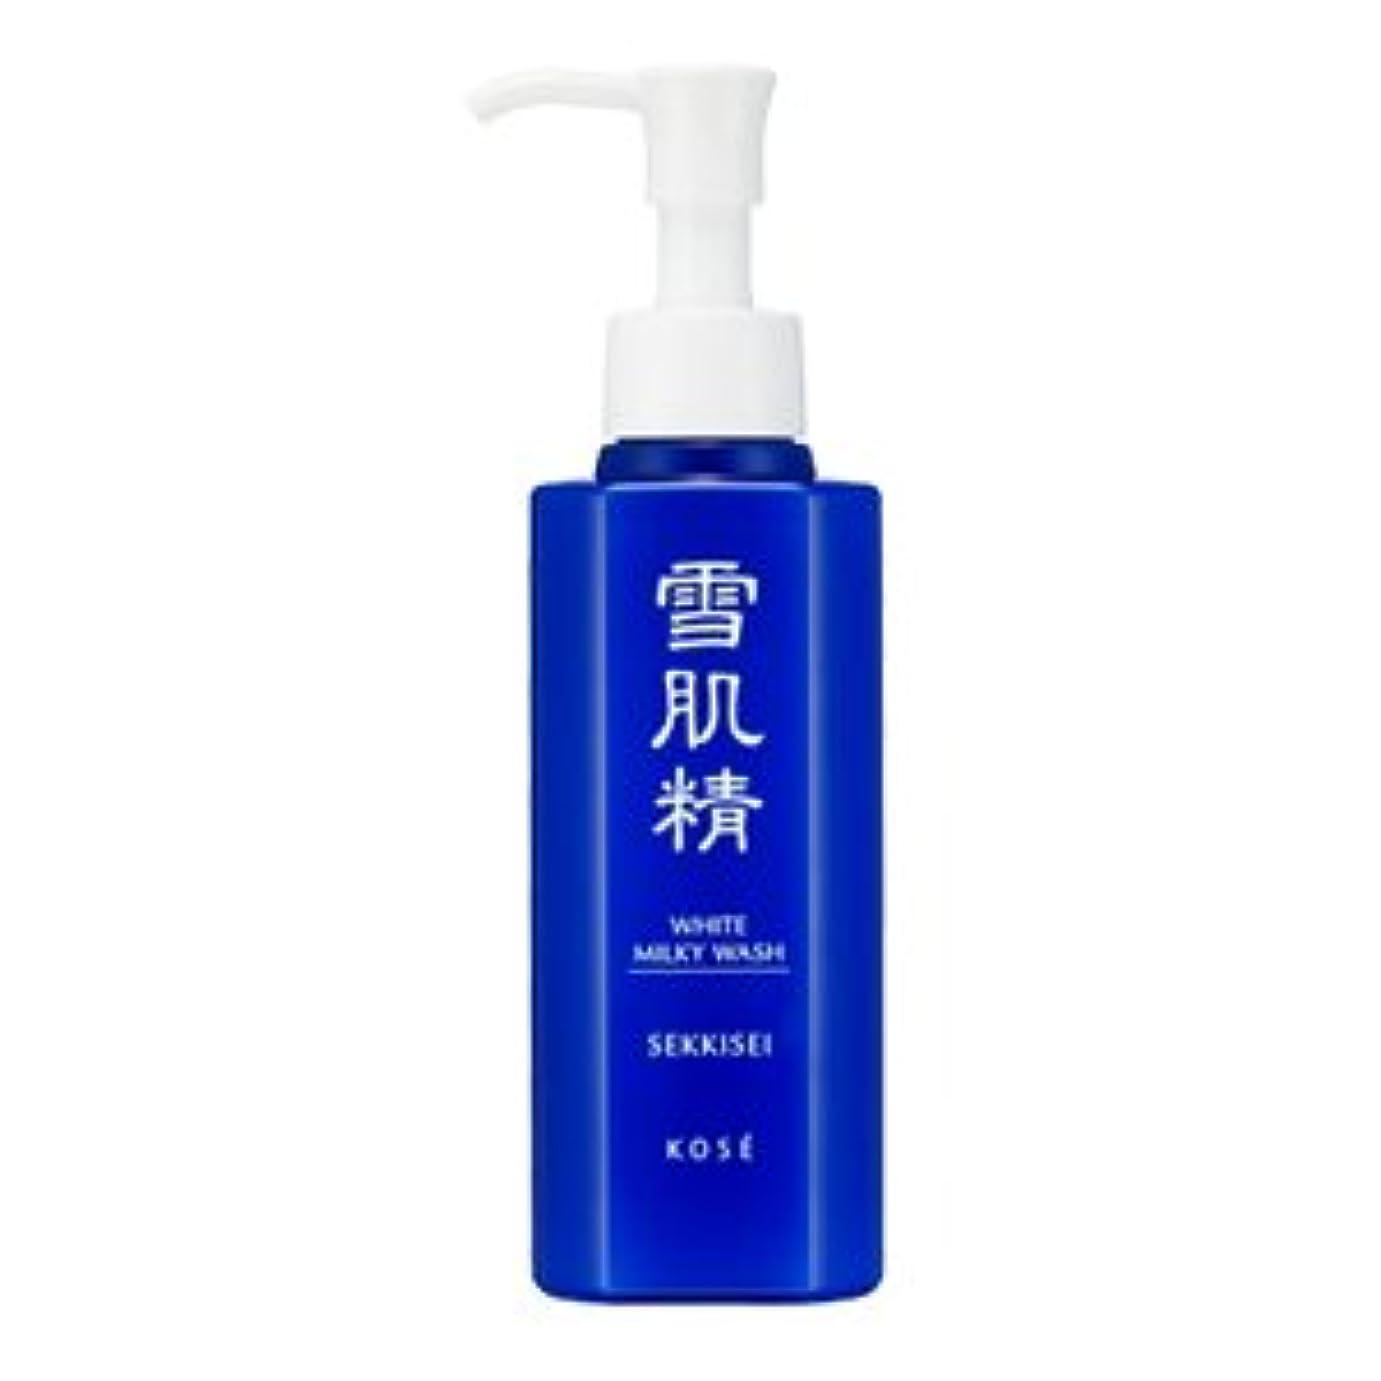 香港造船あいまいな【コーセー 洗顔】 コーセー 雪肌精 ホワイトミルキィウォッシュ